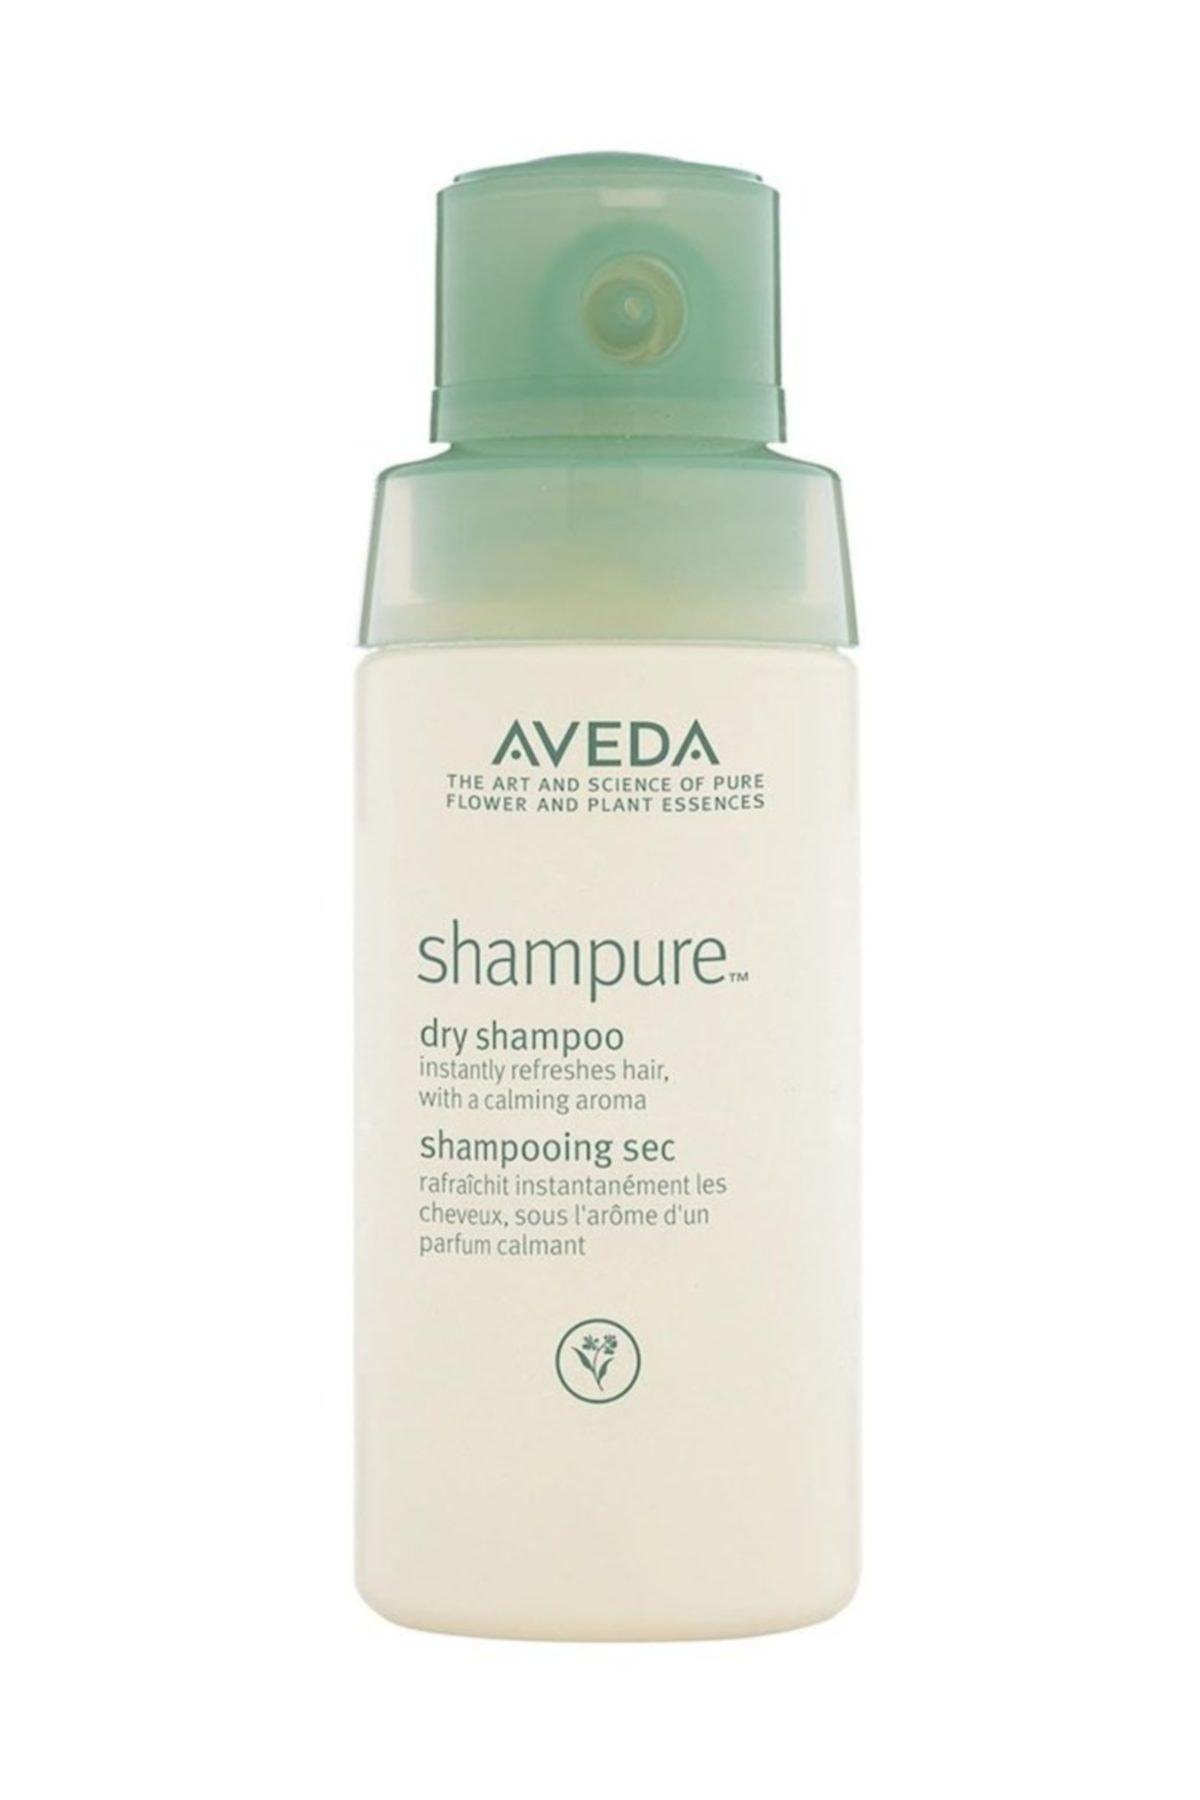 Aveda Shampure Canlandırıcı Kuru Şampuan 56gr 018084959527 1